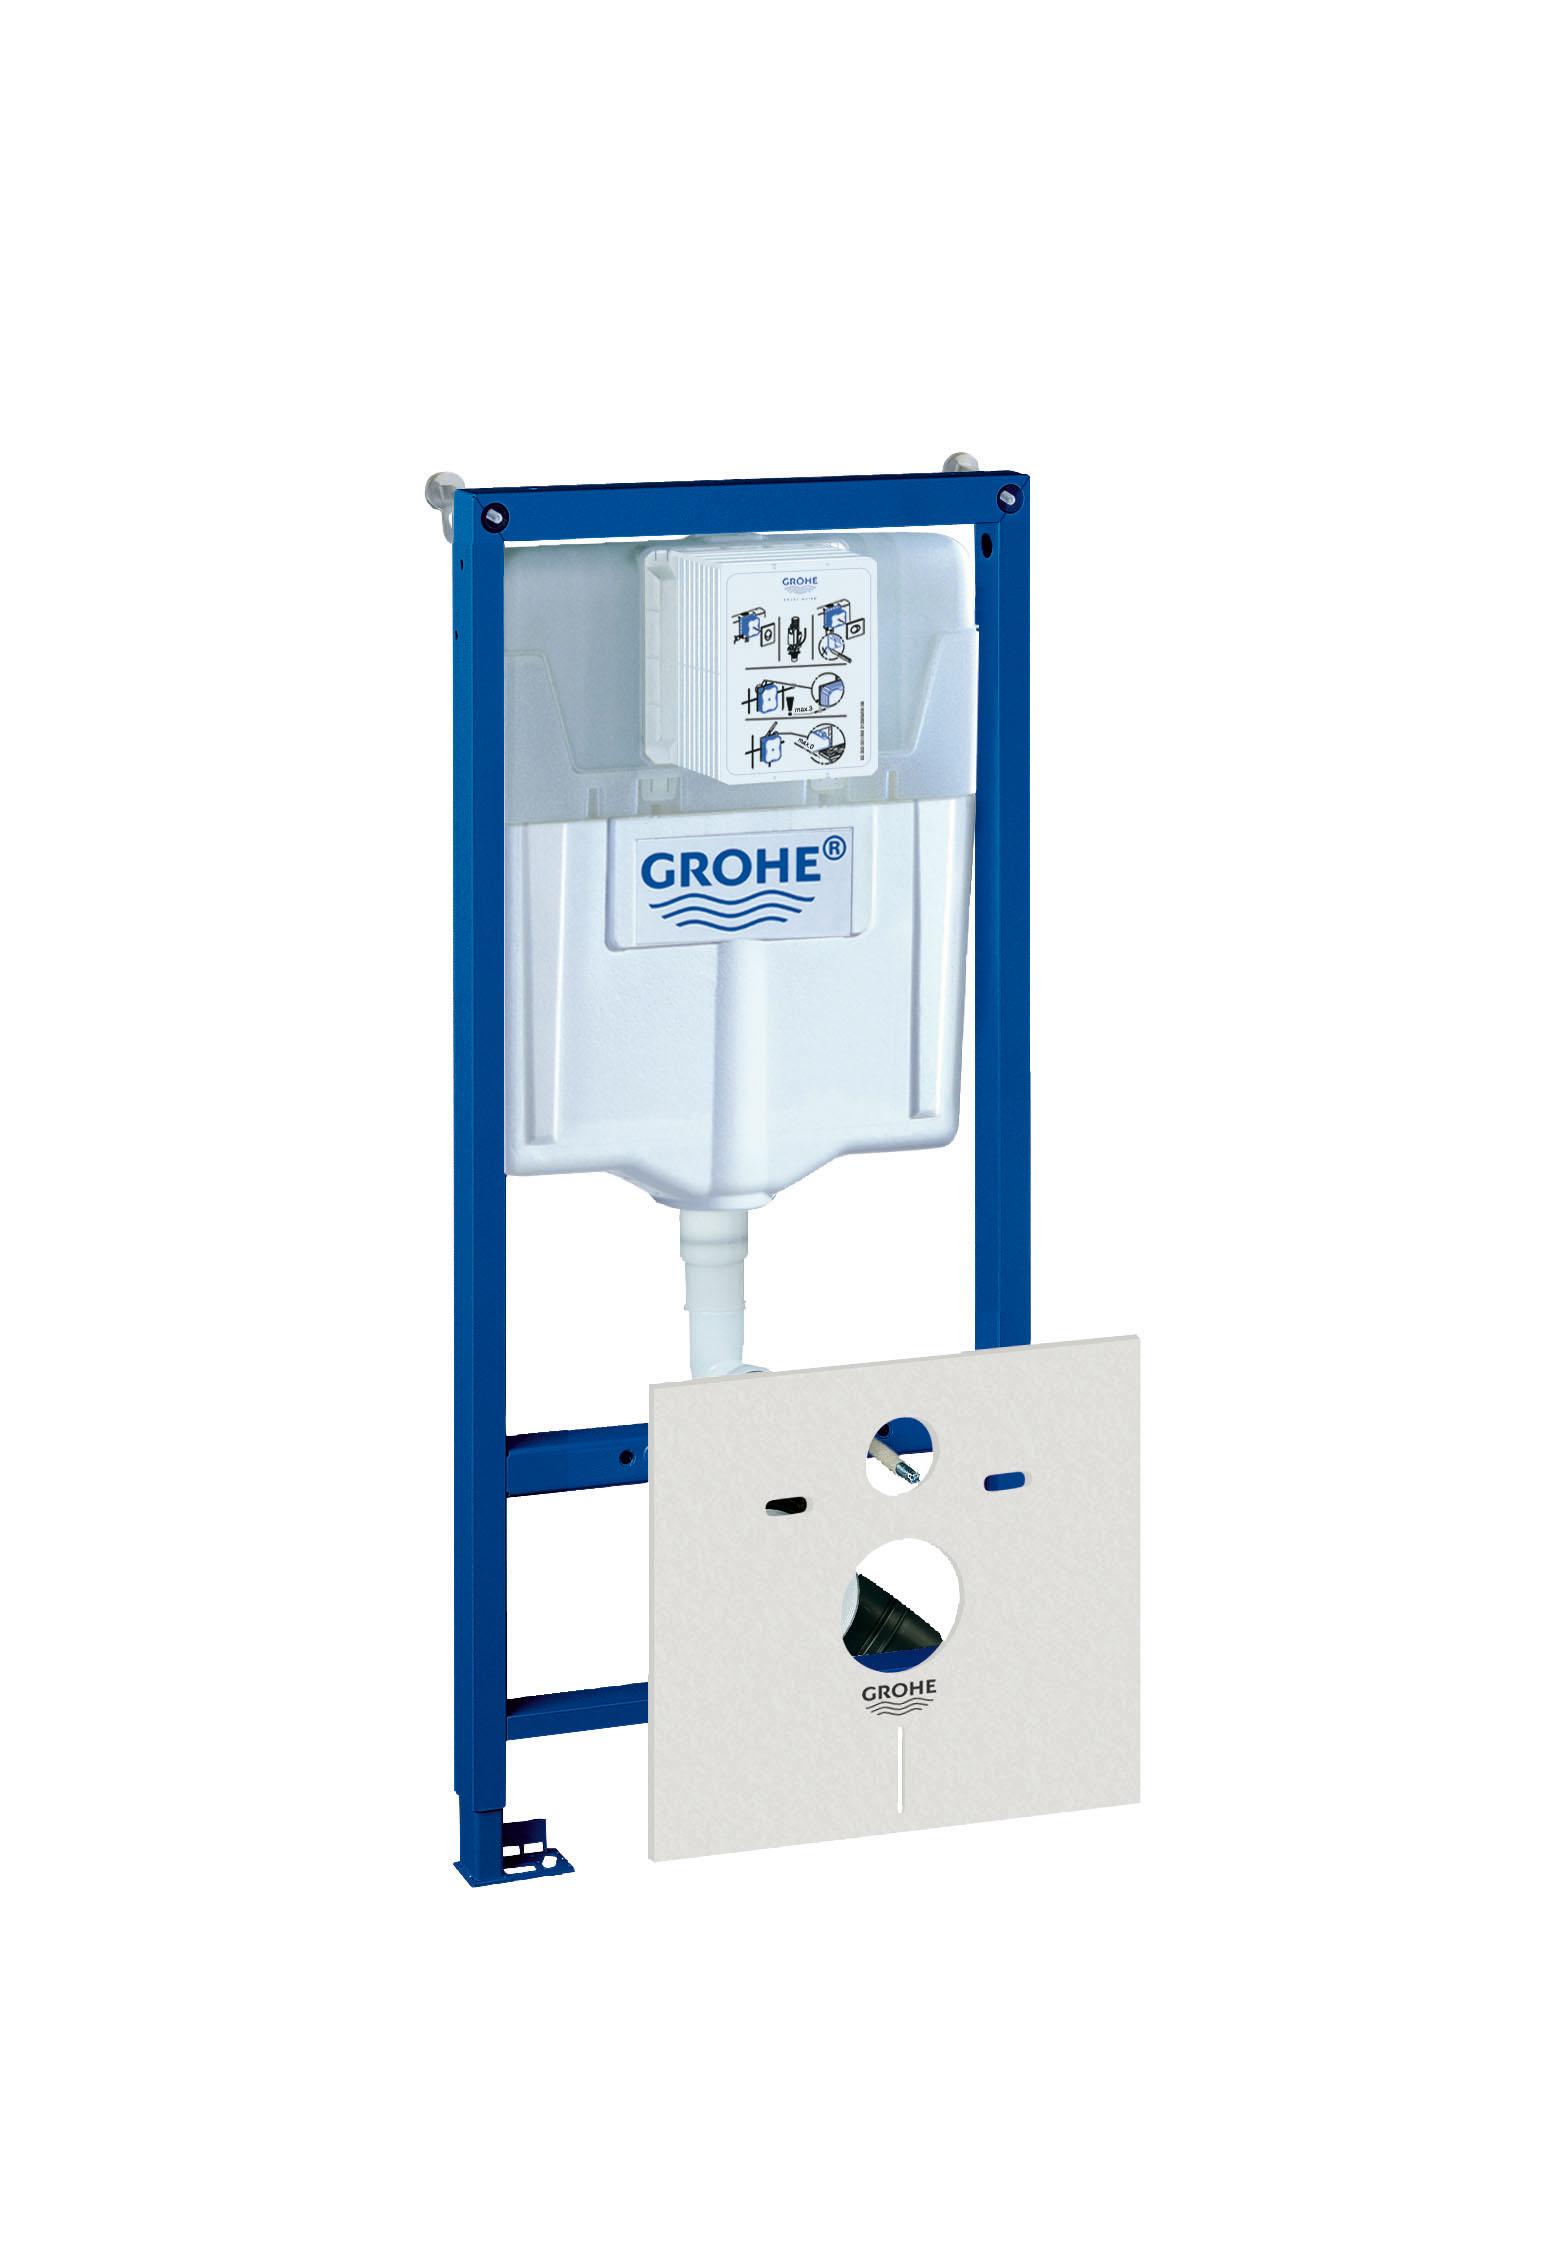 Инсталляция для унитаза Grohe Rapid sl 38539001 инсталляция grohe rapid sl для унитаза 38528001